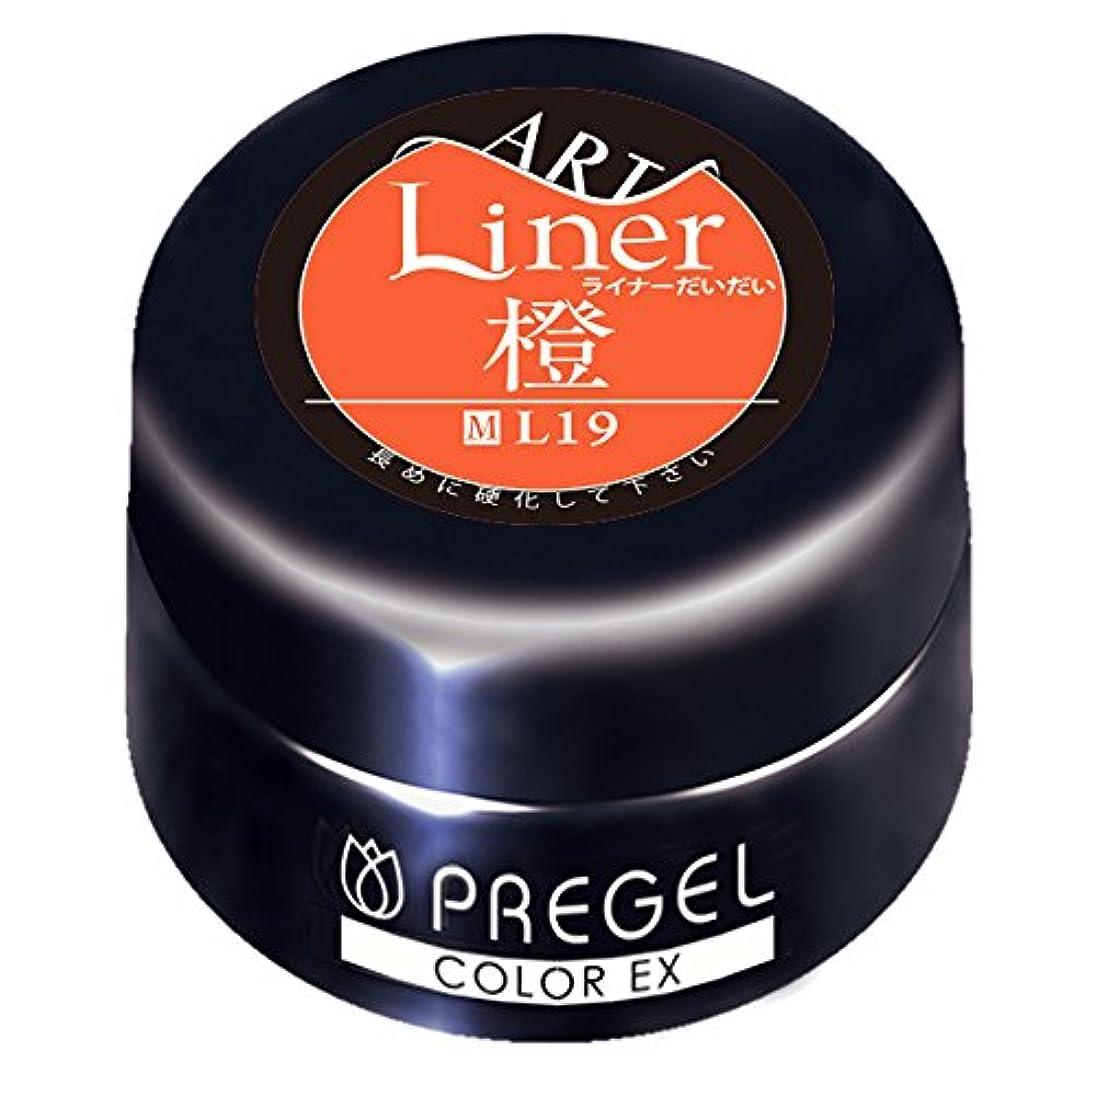 影ギャラリー石灰岩PRE GEL カラーEX ライナー橙19 4g UV/LED対応